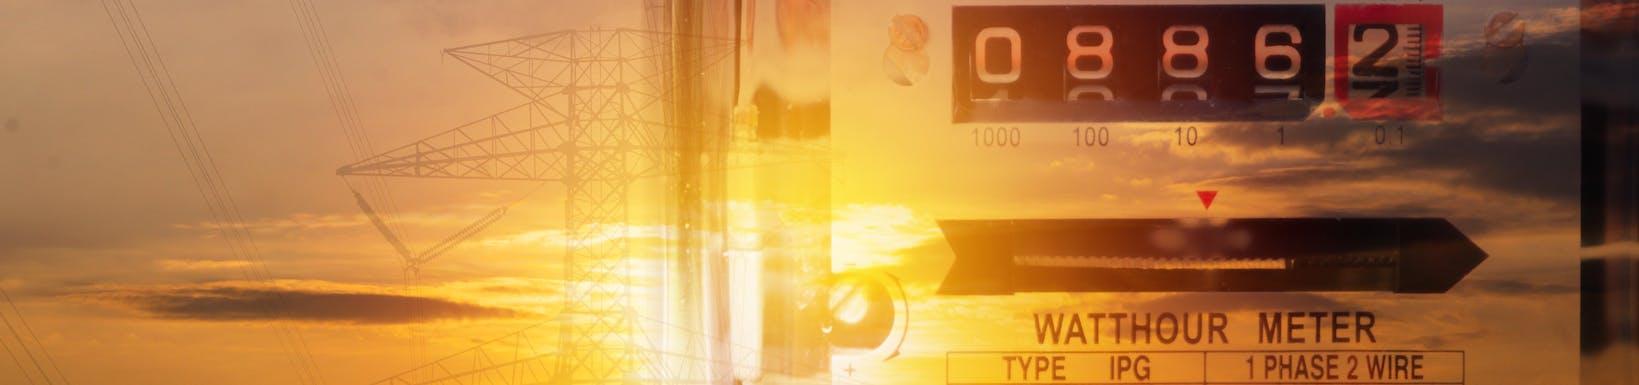 Inteligentny licznik energii z systemem operacyjnym Phoenix-RTOS